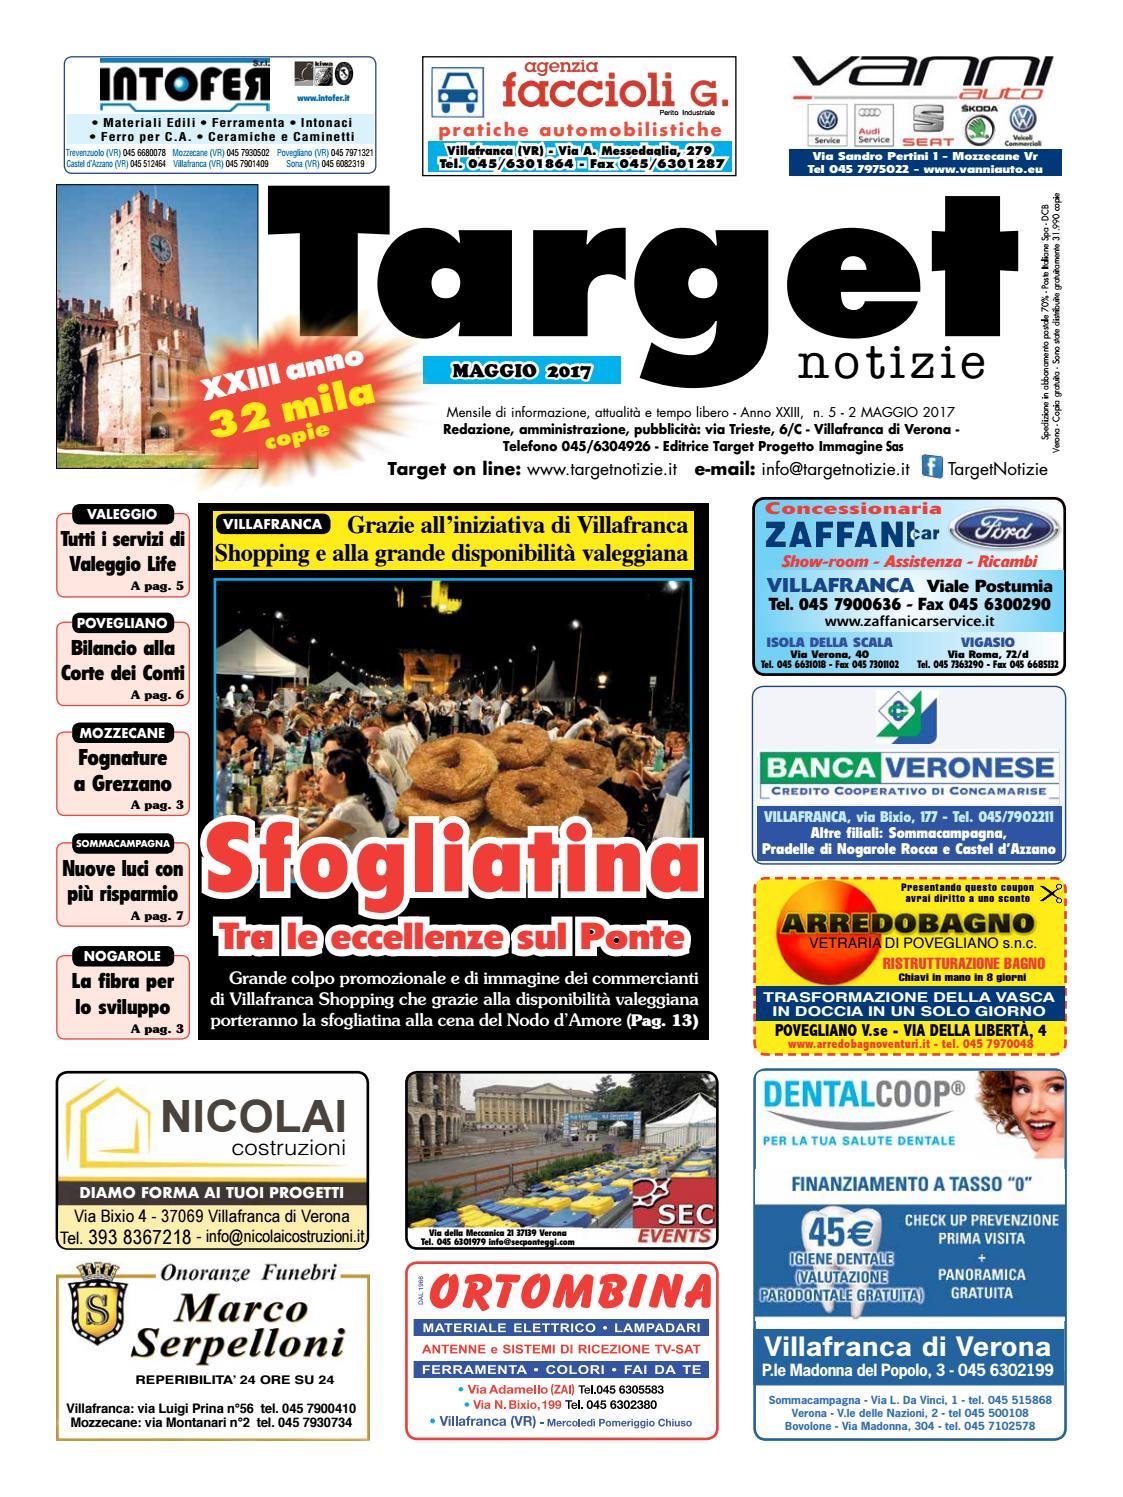 Targetnotizie 05 maggio 2017 by IsCharlie issuu